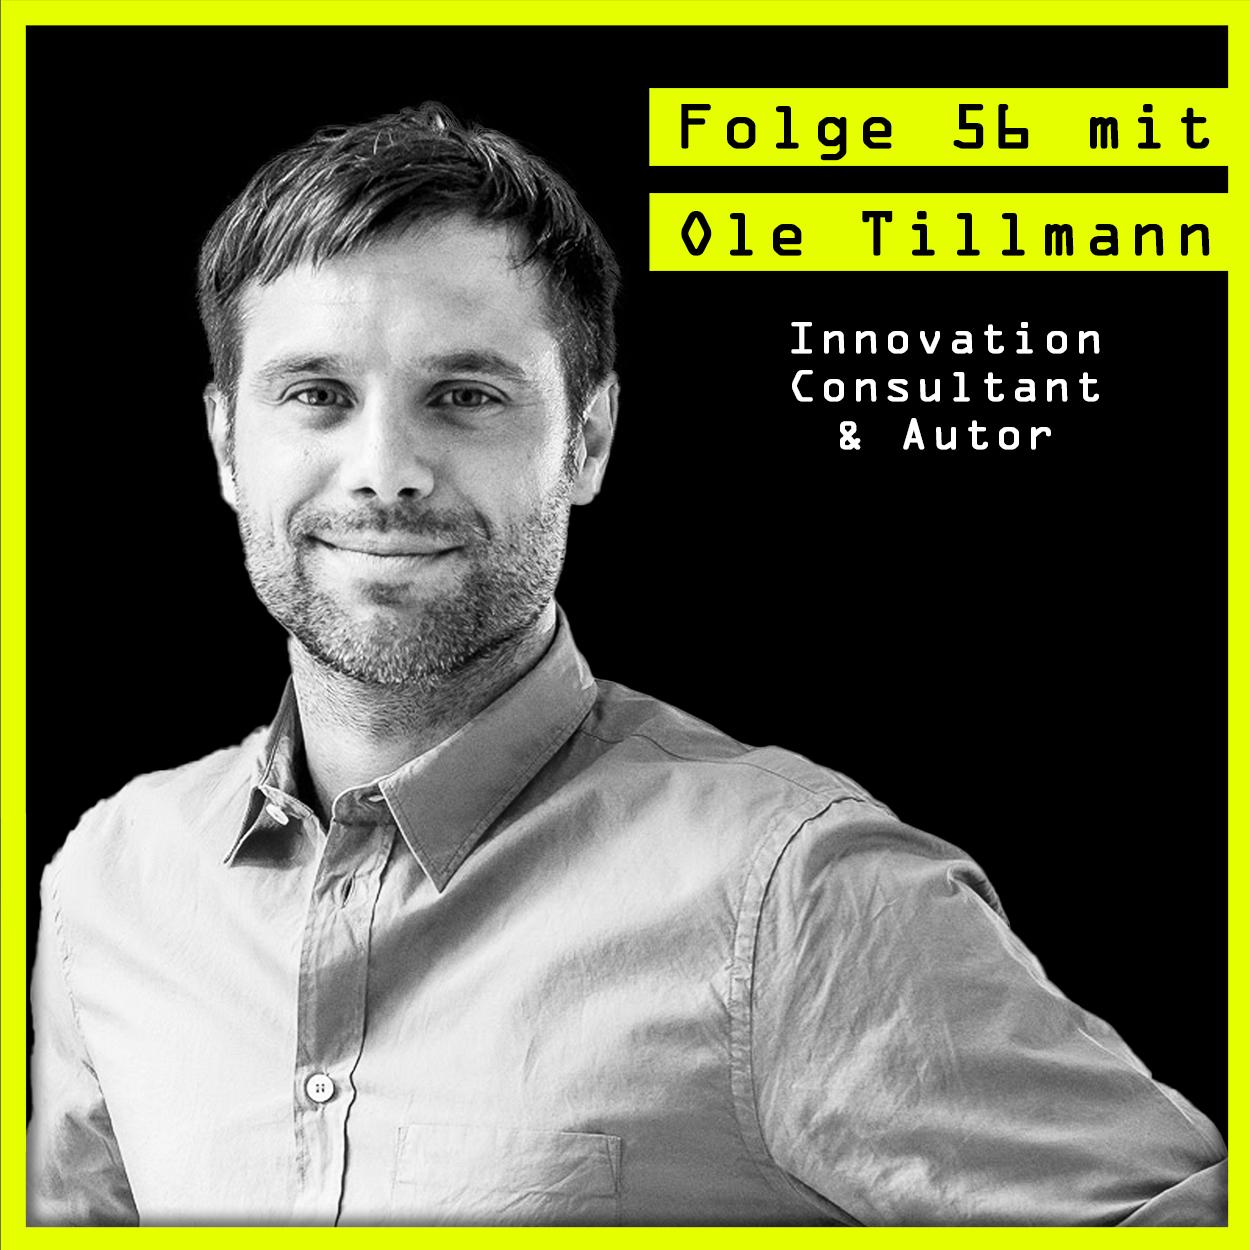 #56 mit Ole Tillmann (Innovation Consultant & Autor) über Frischwasser im Teich